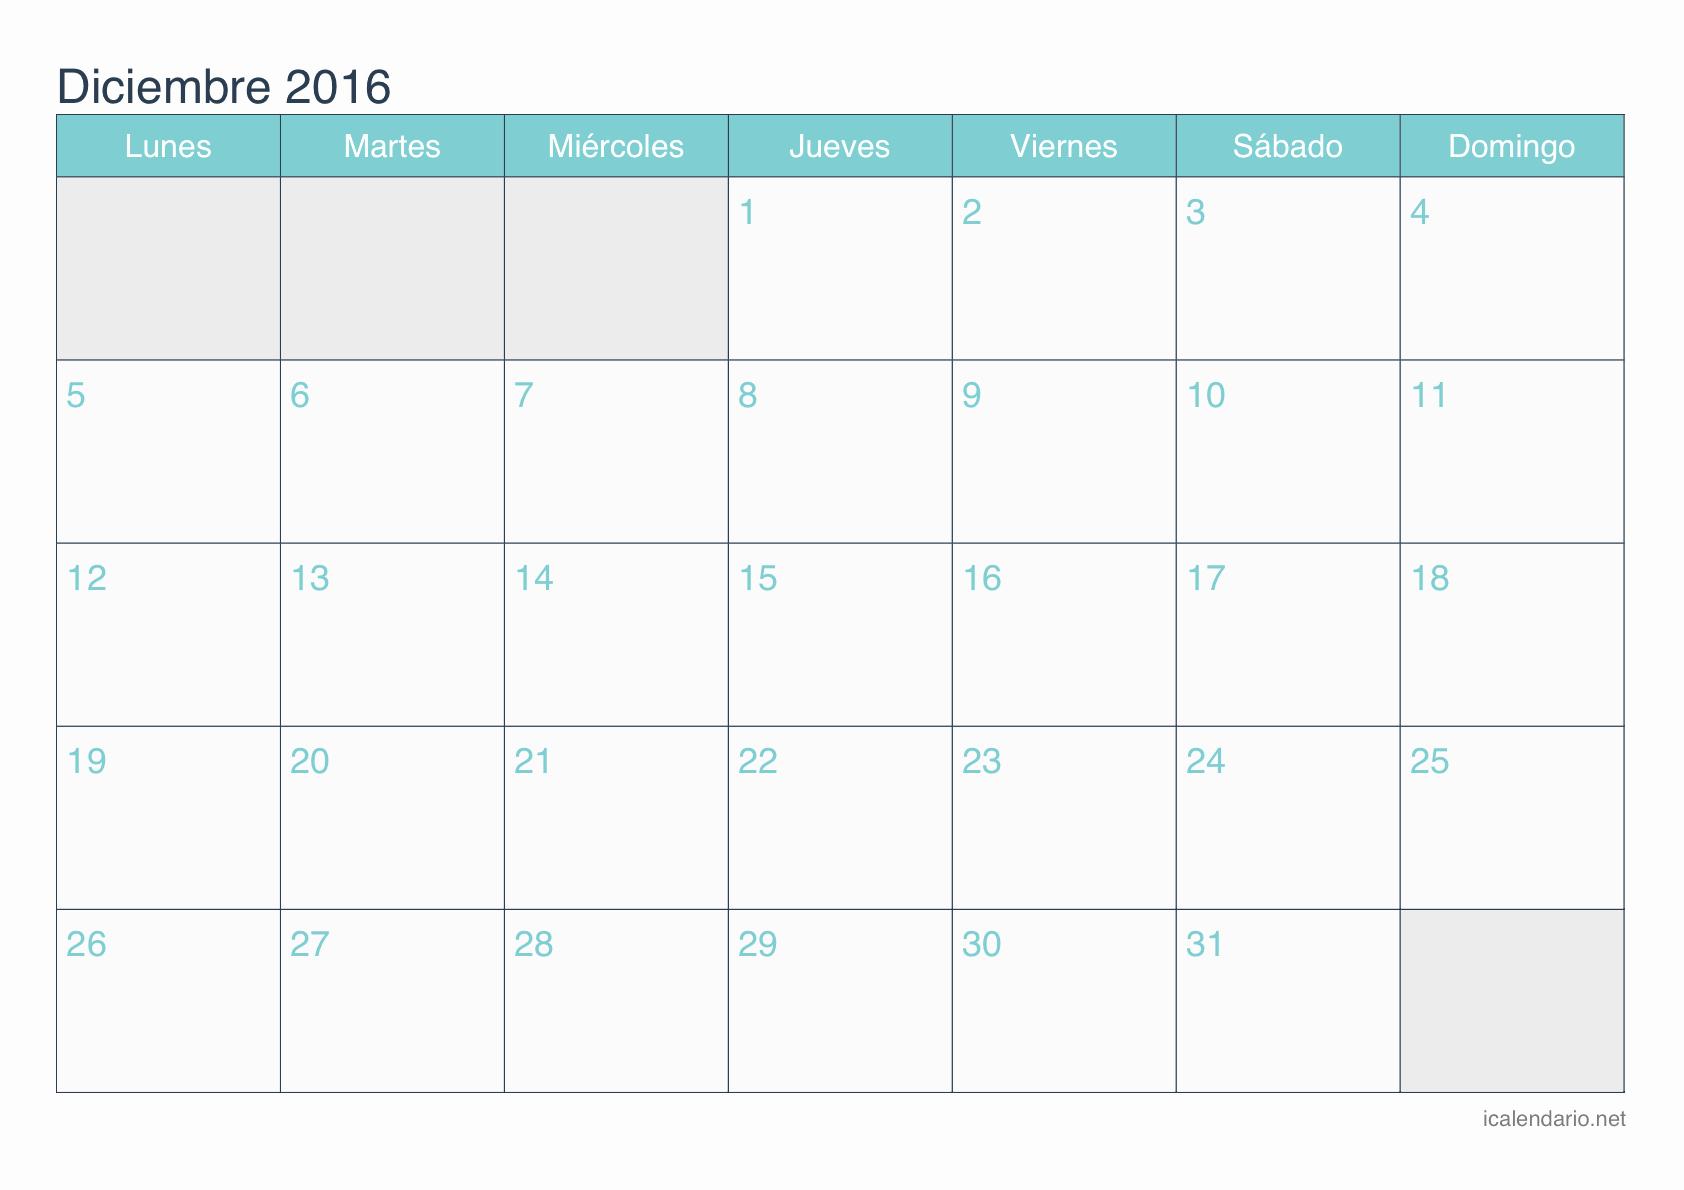 Calendario Diciembre 2017 Para Imprimir Lovely Calendario Diciembre 2016 Para Imprimir Icalendario